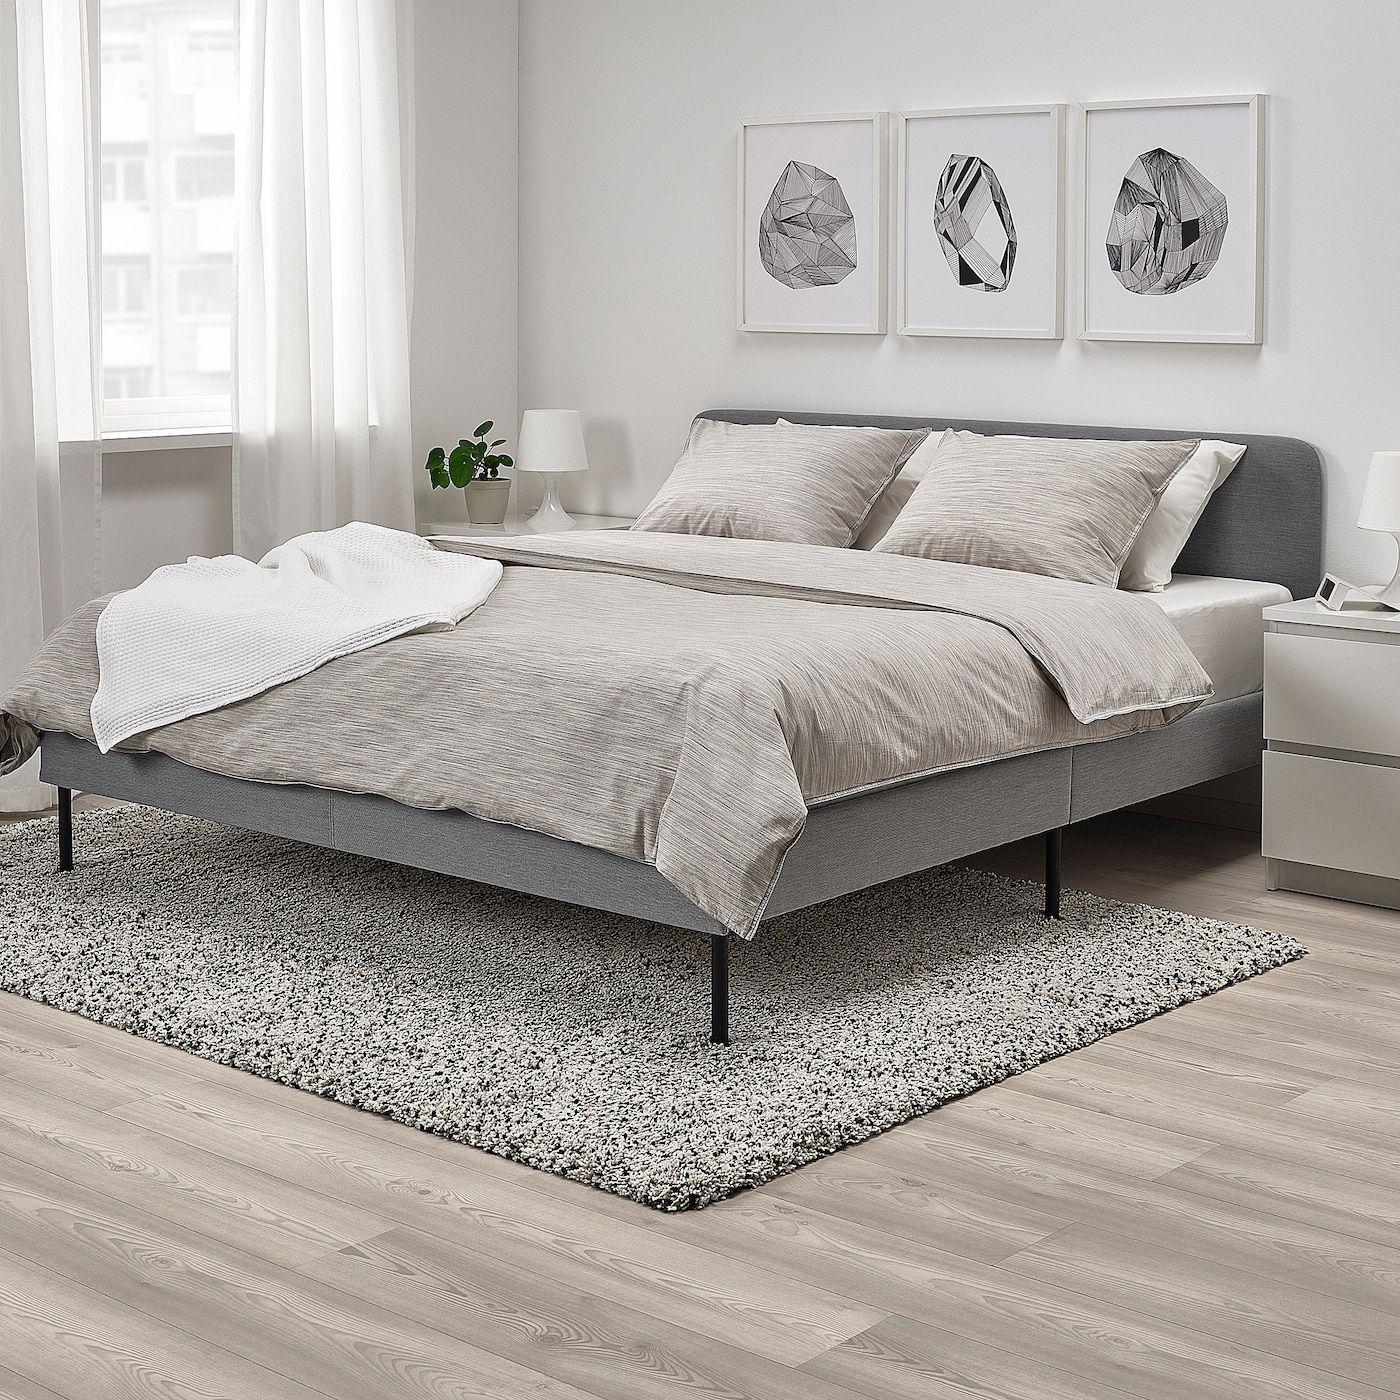 Slattum Upholstered Bed Frame Knisa Light Gray Queen Ikea Grey Upholstered Bed Upholstered Bed Frame Grey